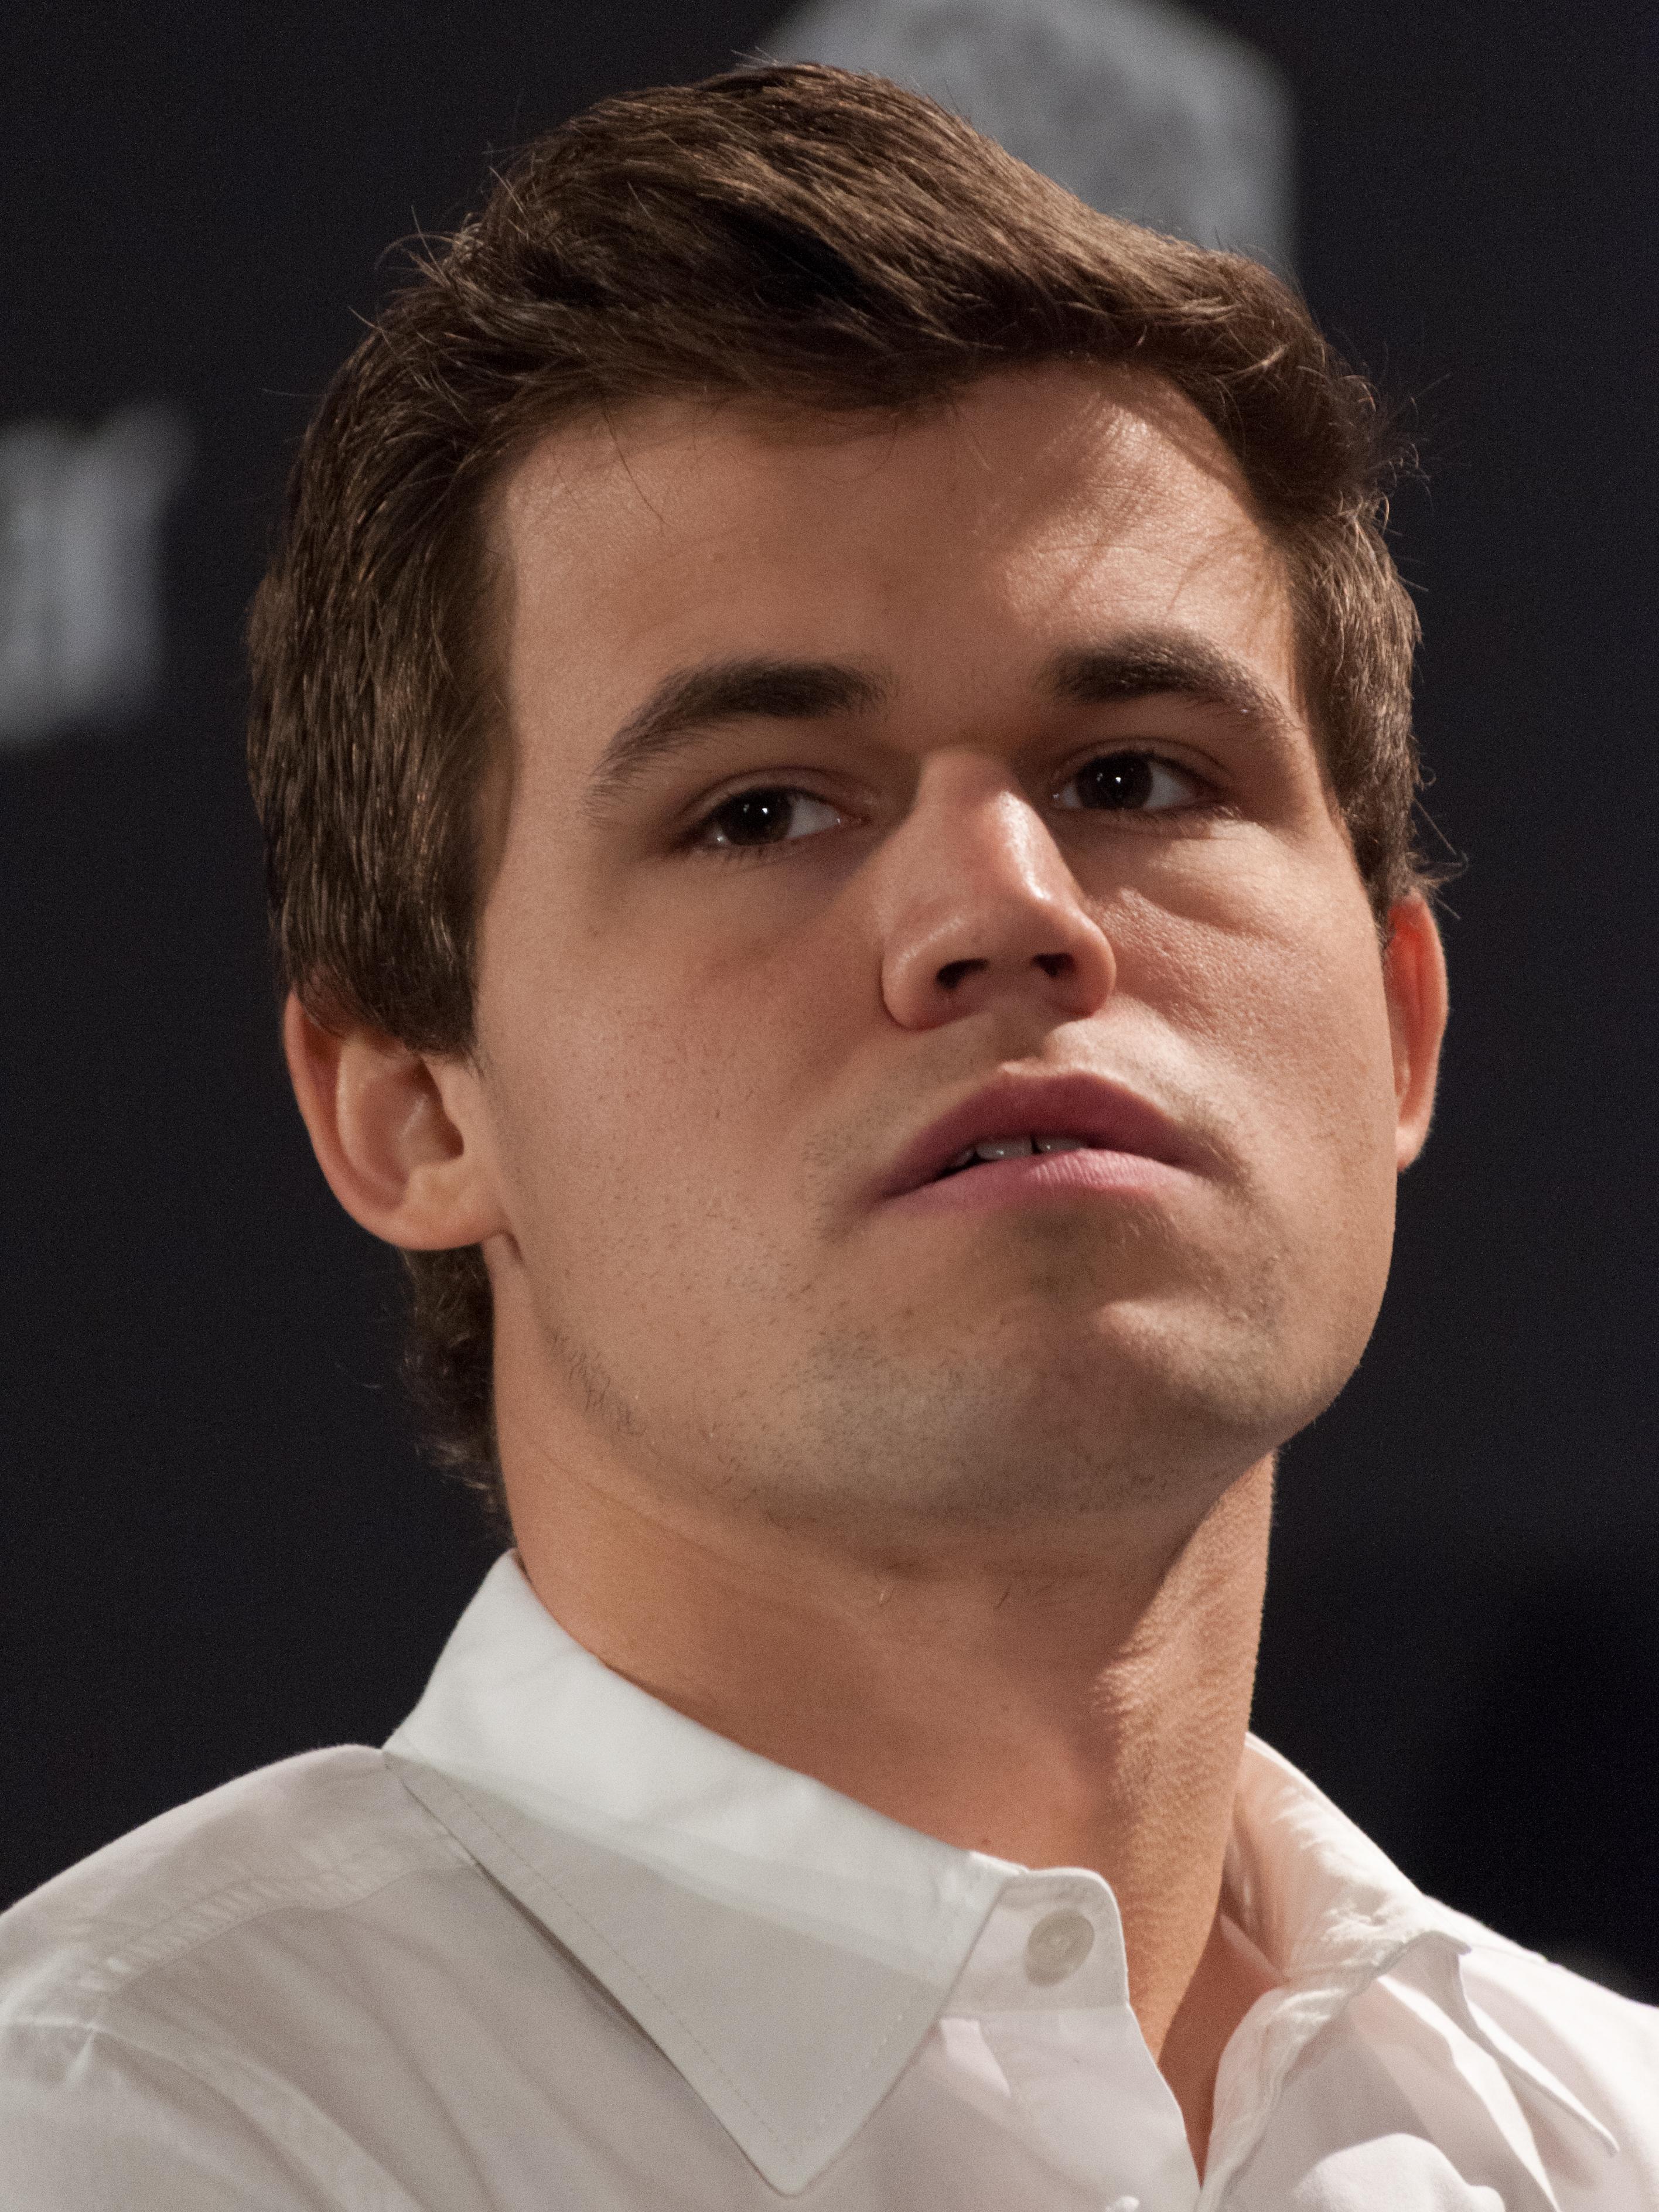 File:15-10-10-Magnus Carlsen-RalfR-N3S 2357.jpg - Wikimedia Commons